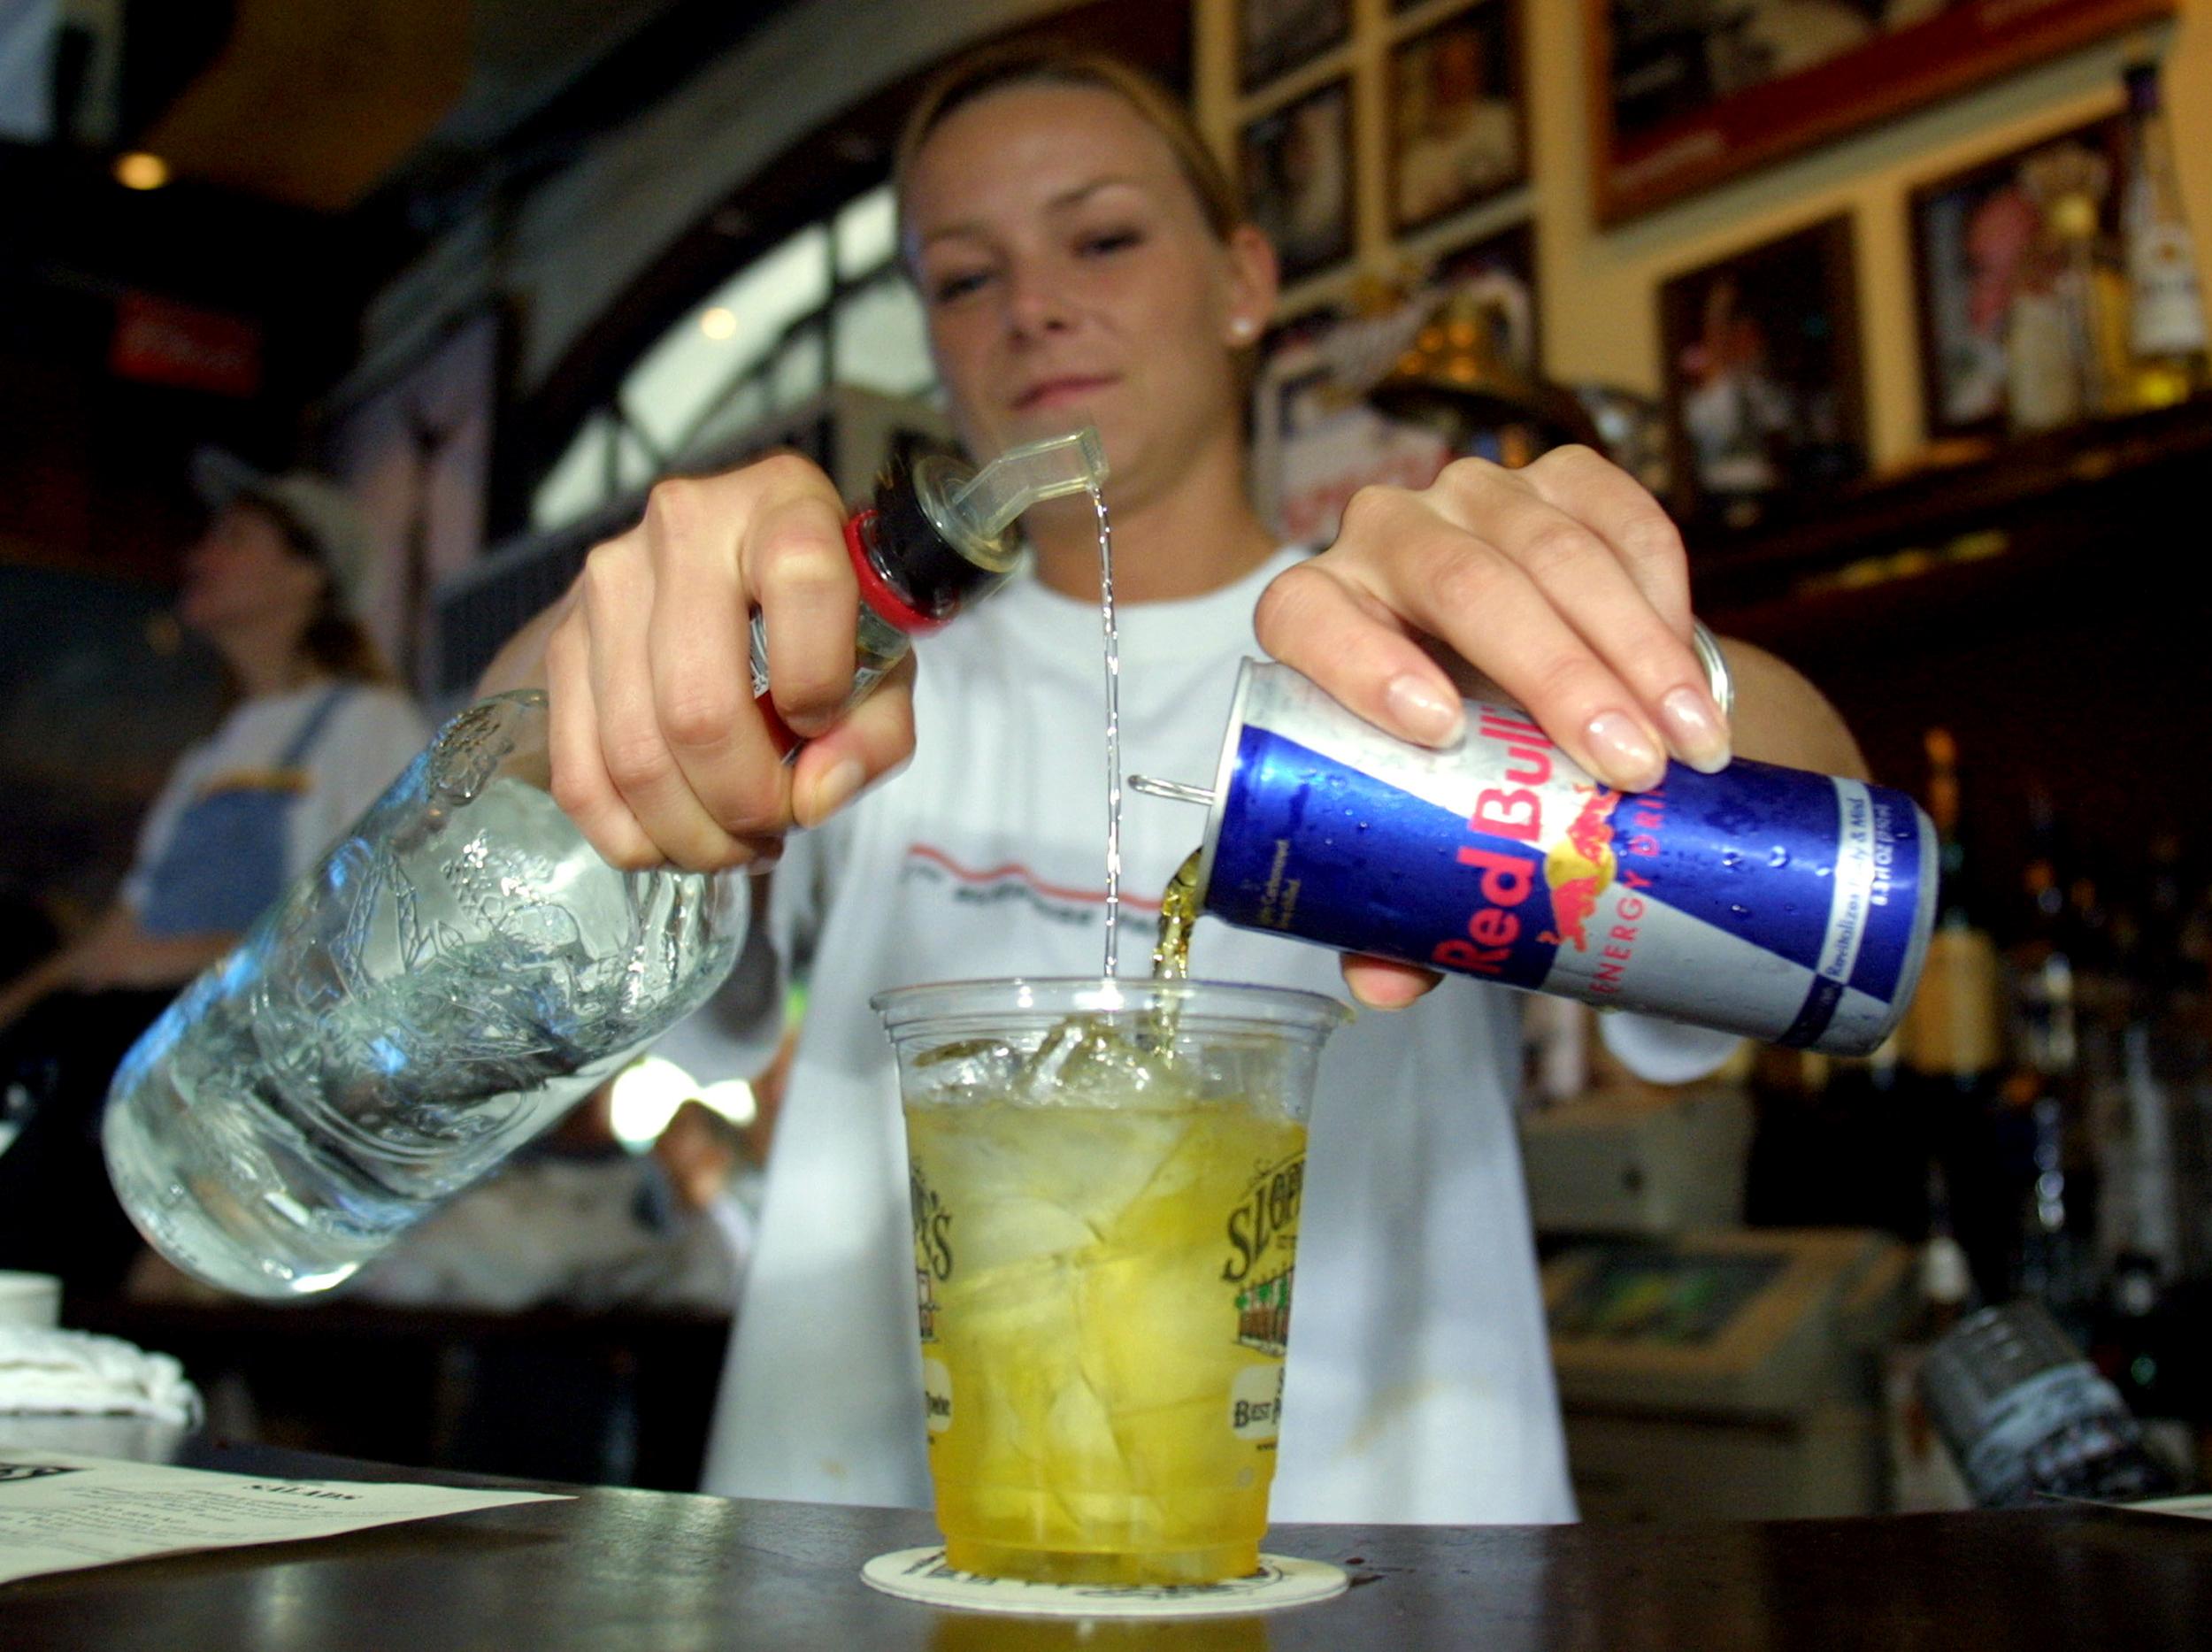 """Mixovanie """"energetiakov"""" a alkoholu je nebezpečné. (Foto: archív)"""